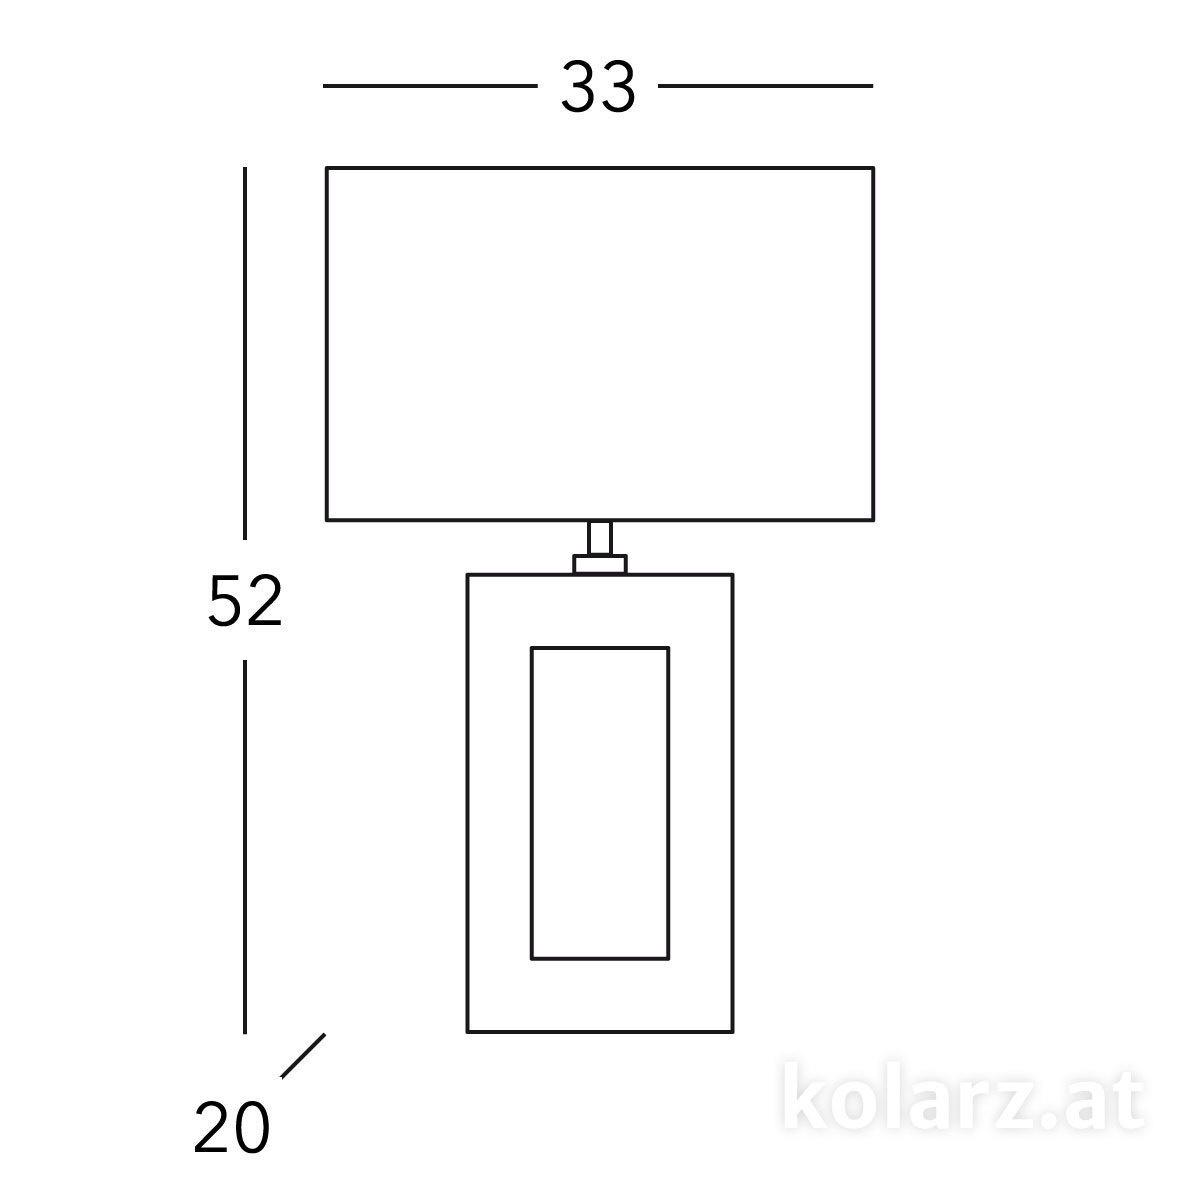 5360-70180__me30-s1.jpg